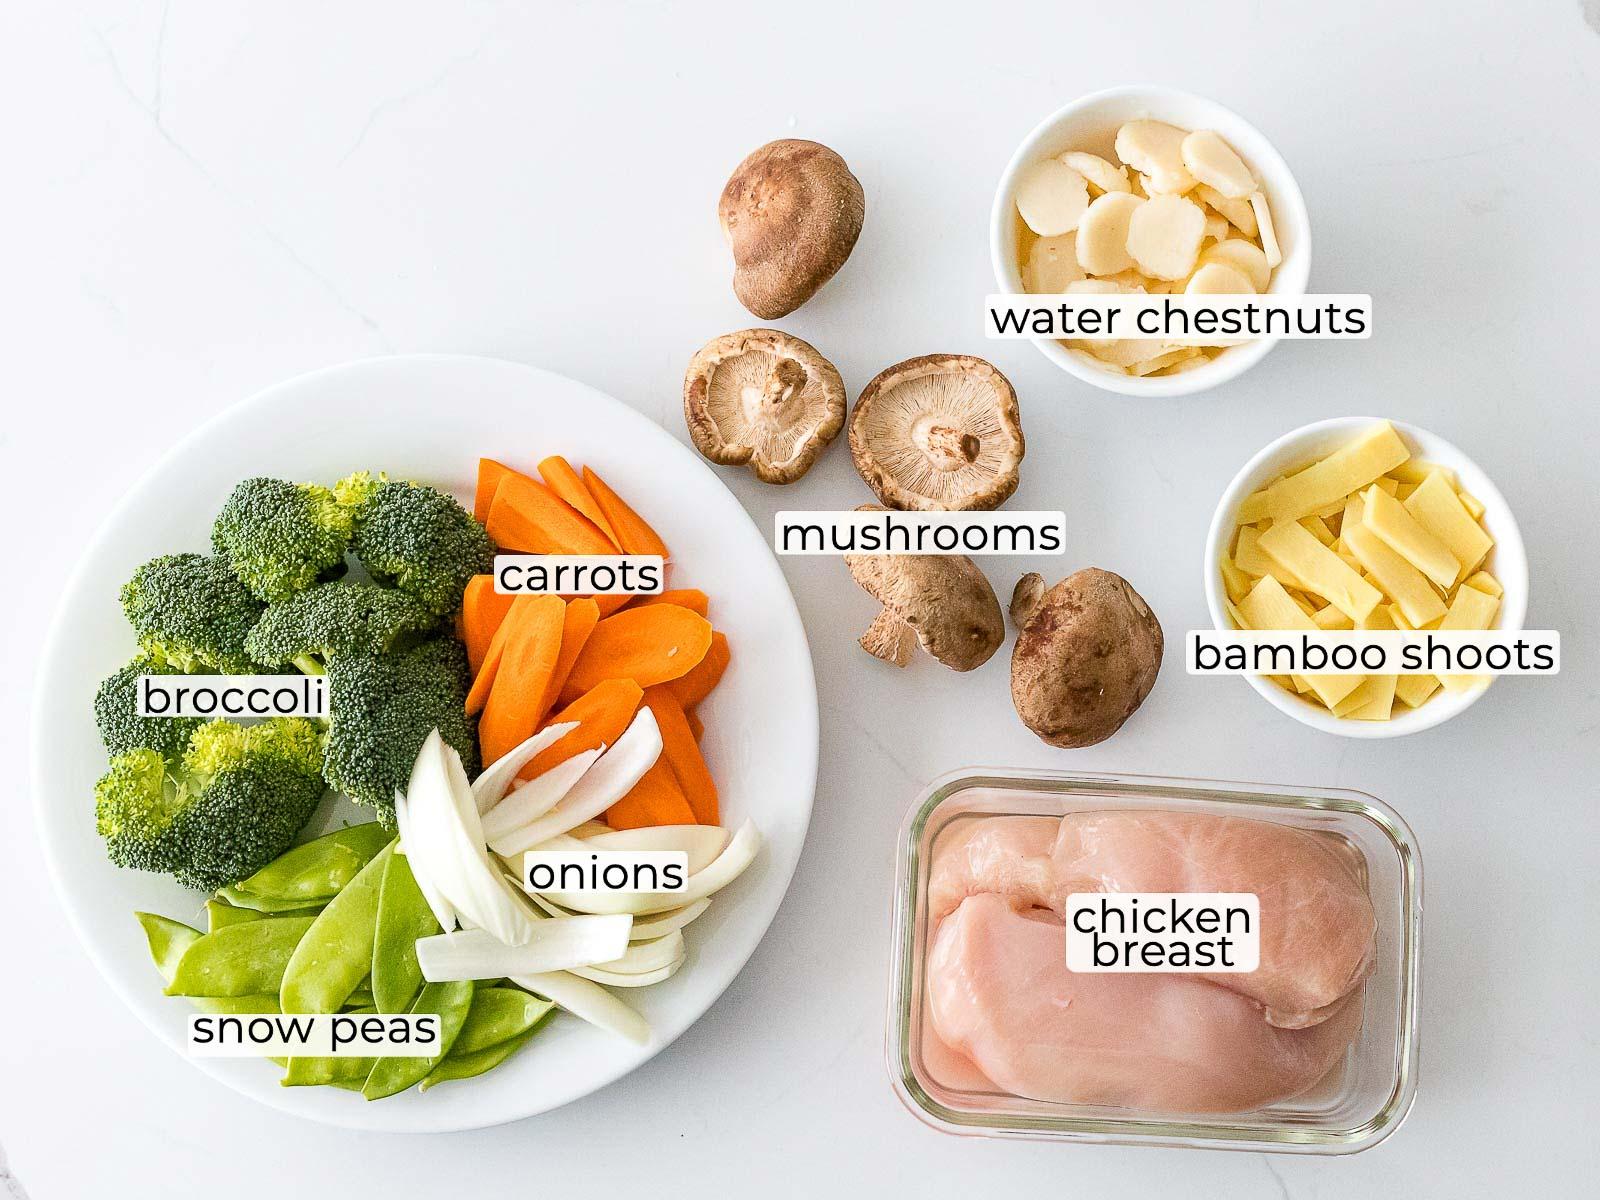 moo goo gai pan ingredients in bowls